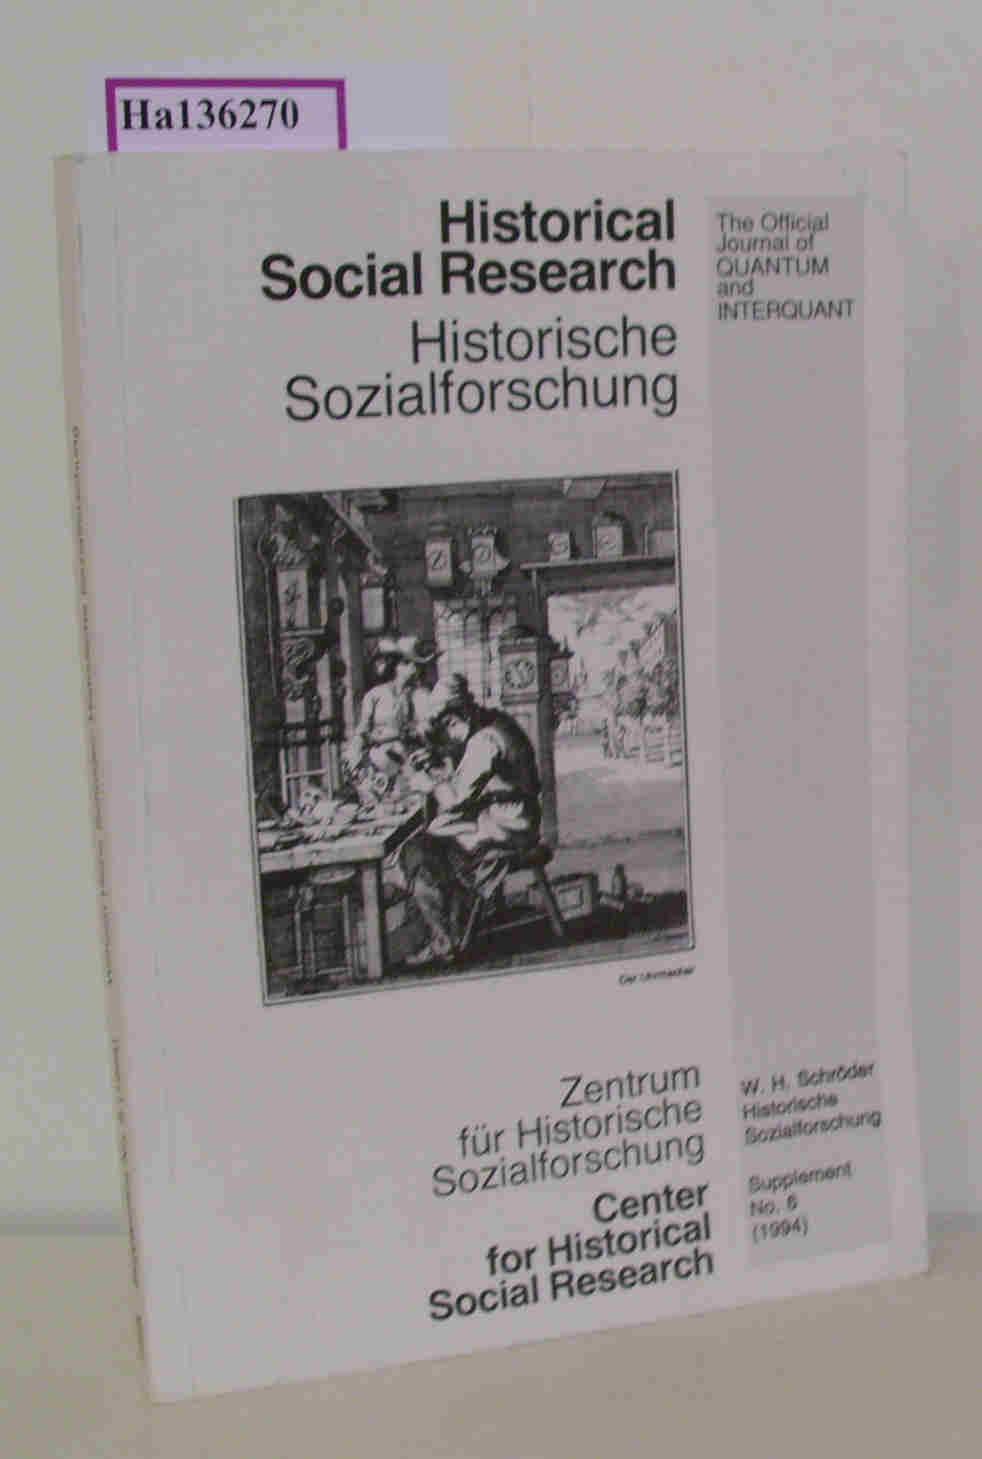 Historische Sozialforschung: Identifikation, Organisation, Institution. ( = Historische Sozialforschung/ Beiheft 6) .